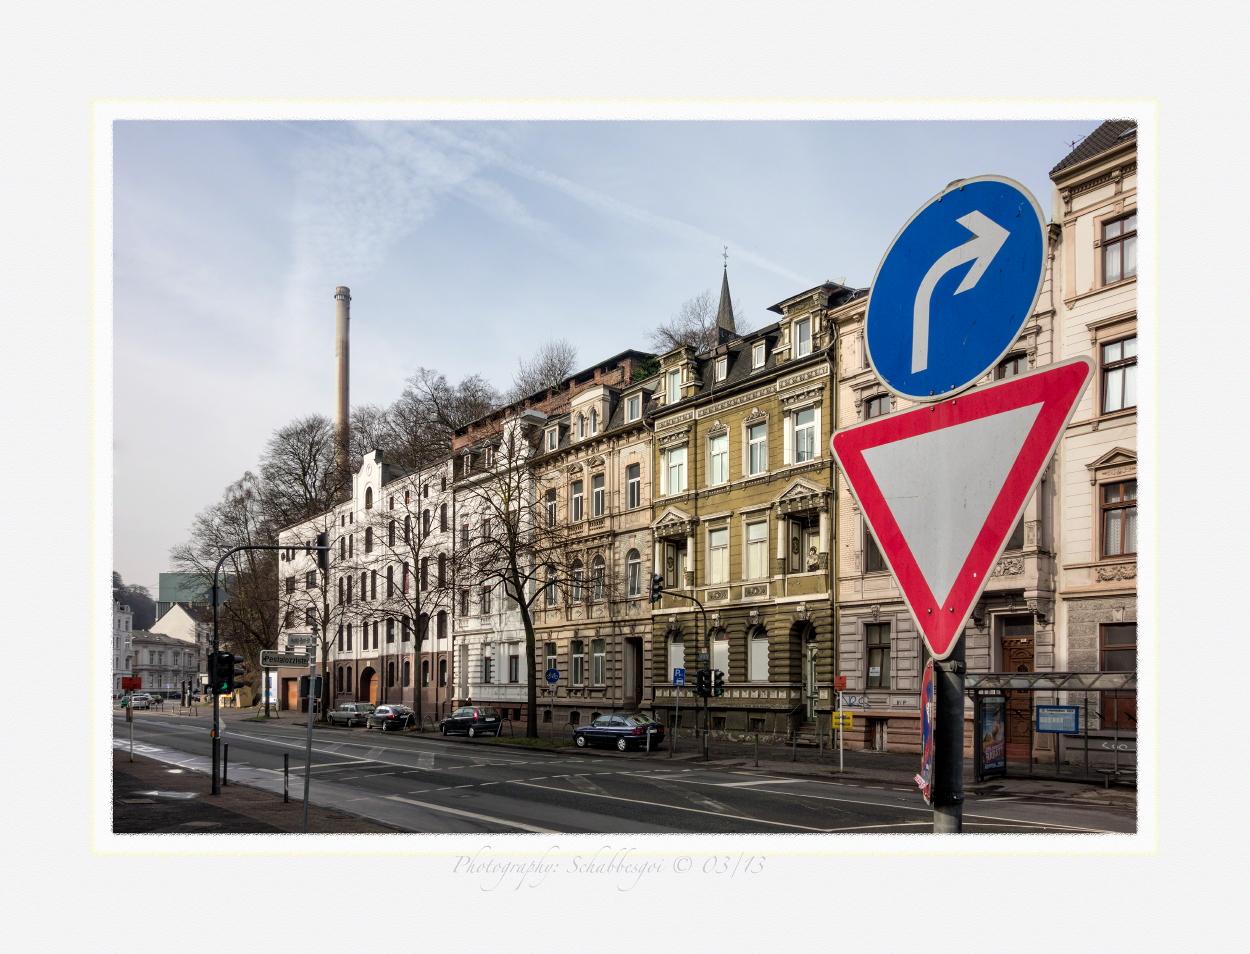 Wuppertal - Gesichter einer Stadt ( 233 )